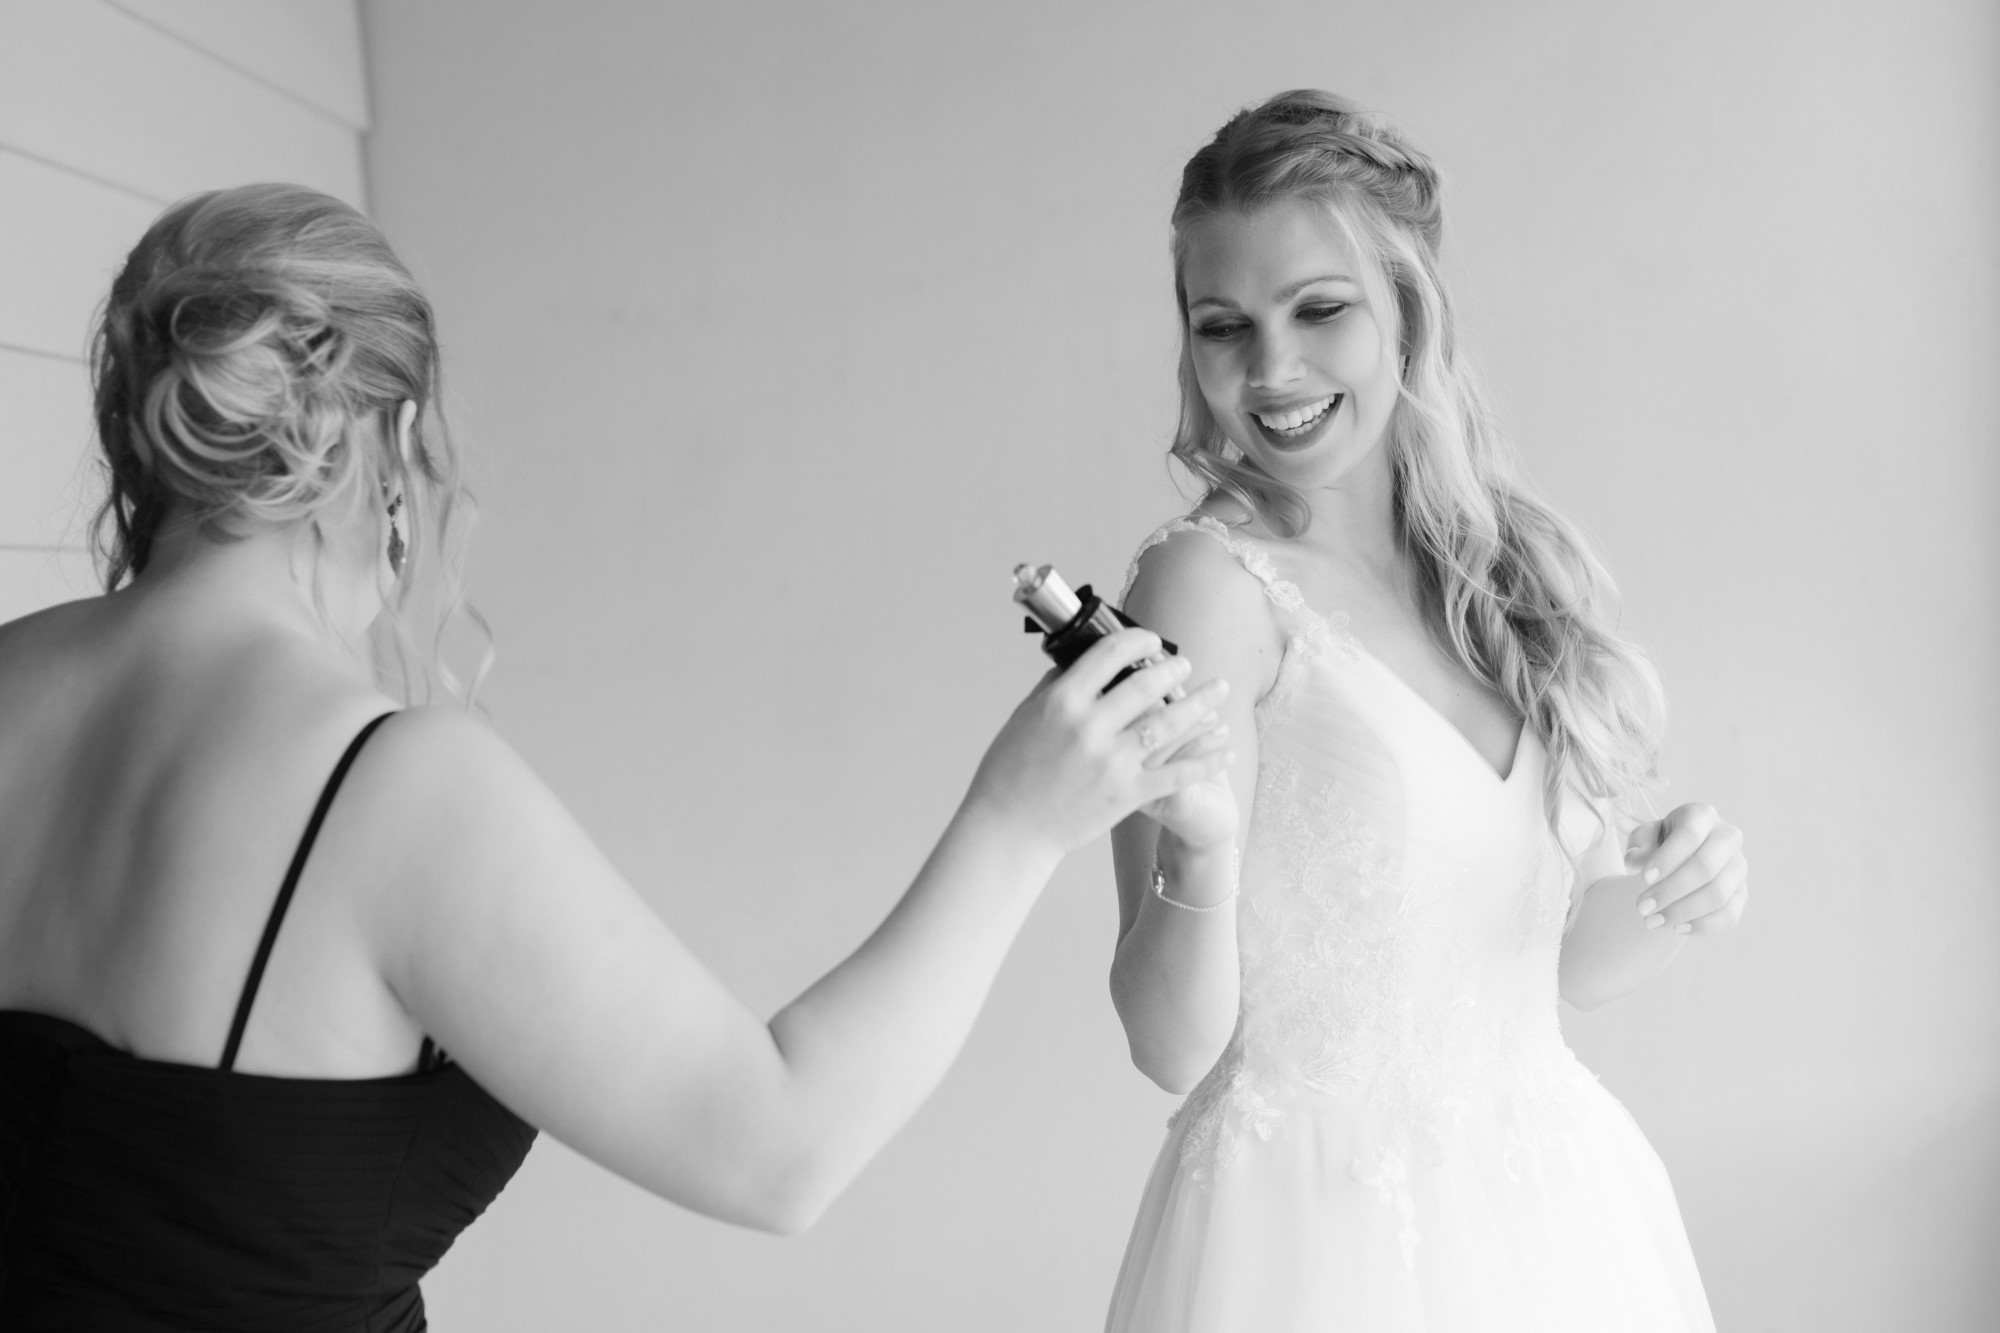 Die Schwester der Braut gibt der Braut das Parfum